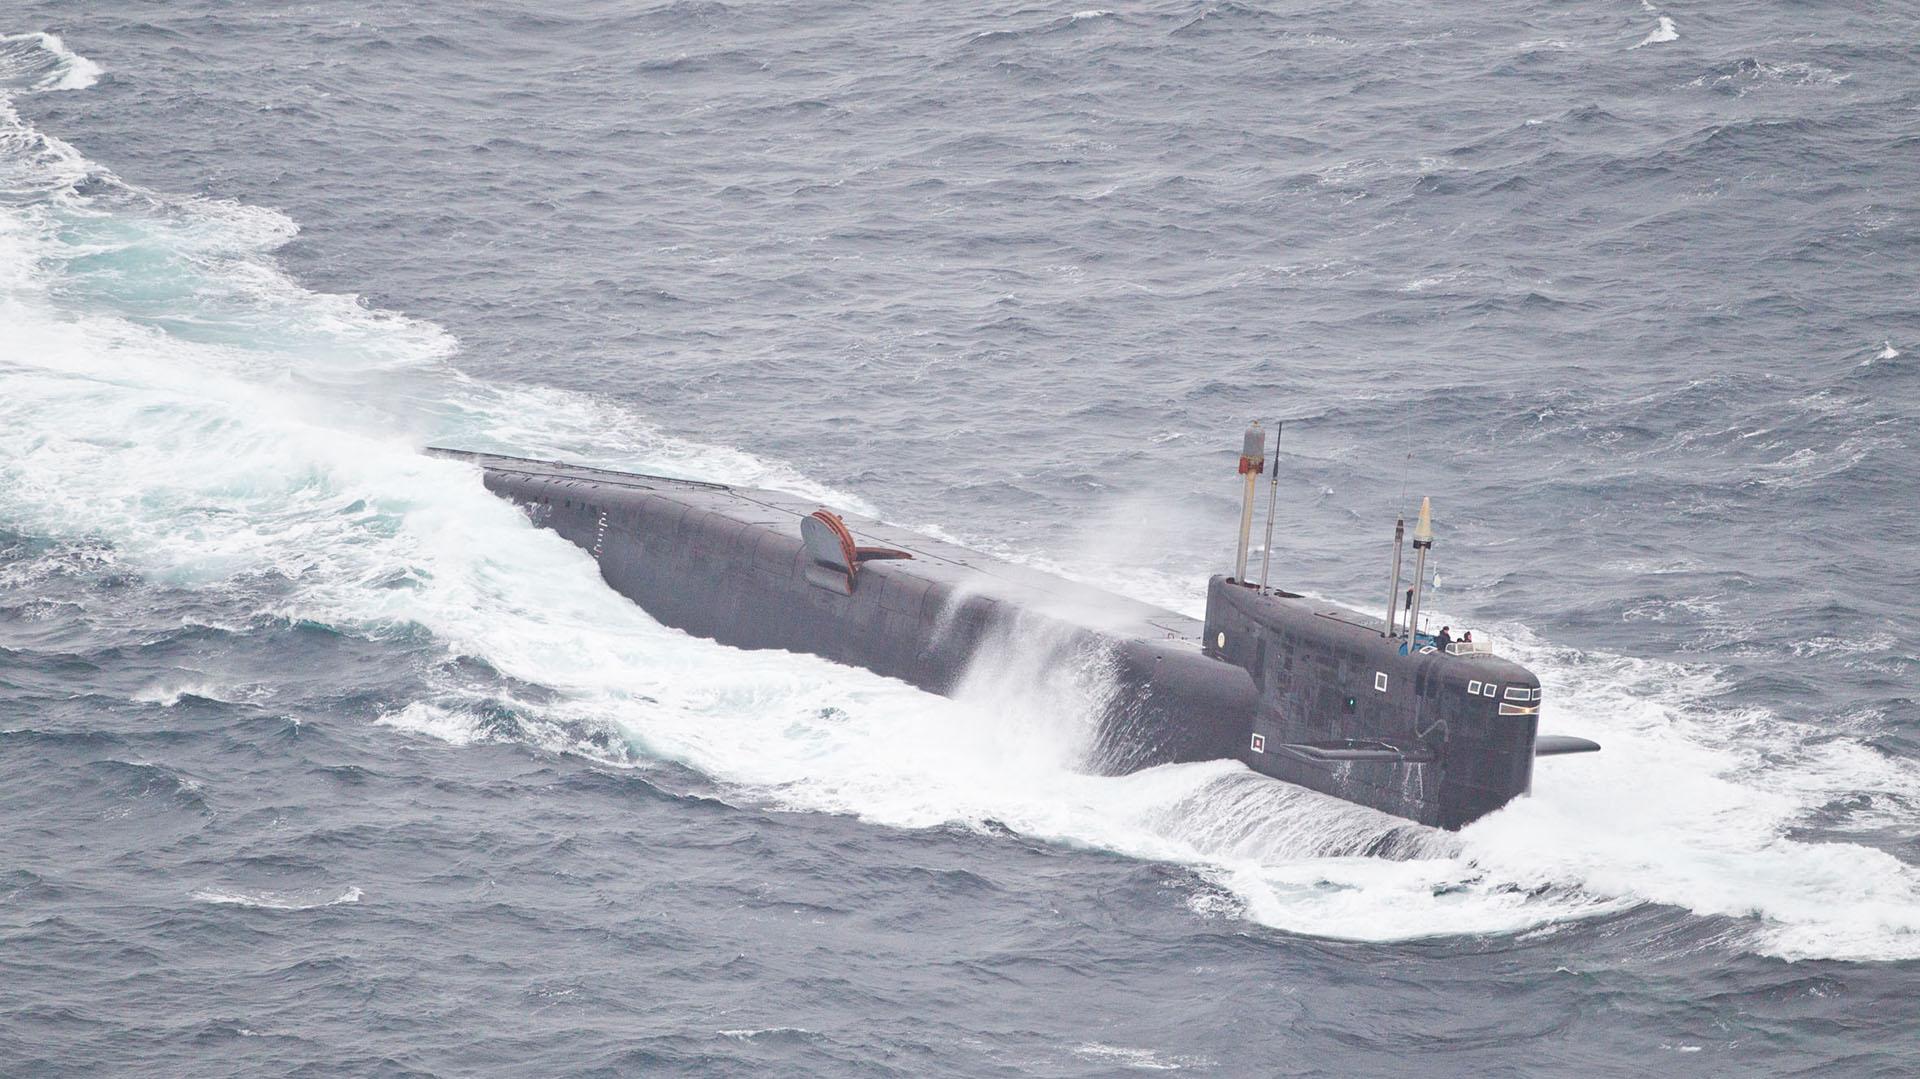 Un submarino nuclear también atravesará el Canal de la Mancha, lo que suma tensión a la relación de Rusia con el Reino Unido (AFP)